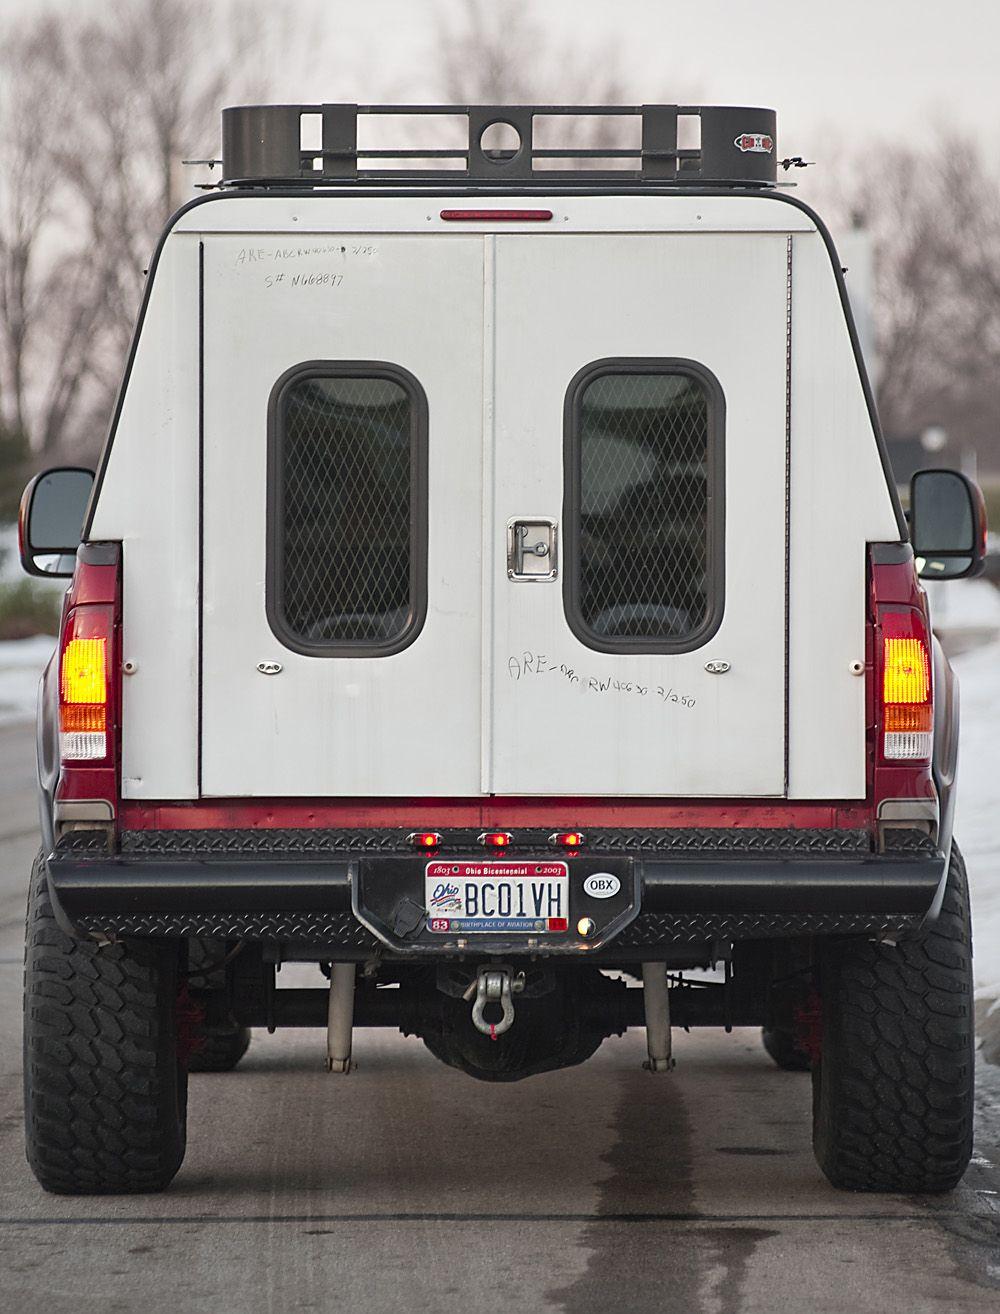 ARE DCU TRUCK cap Truck bed camping, Truck camper shells